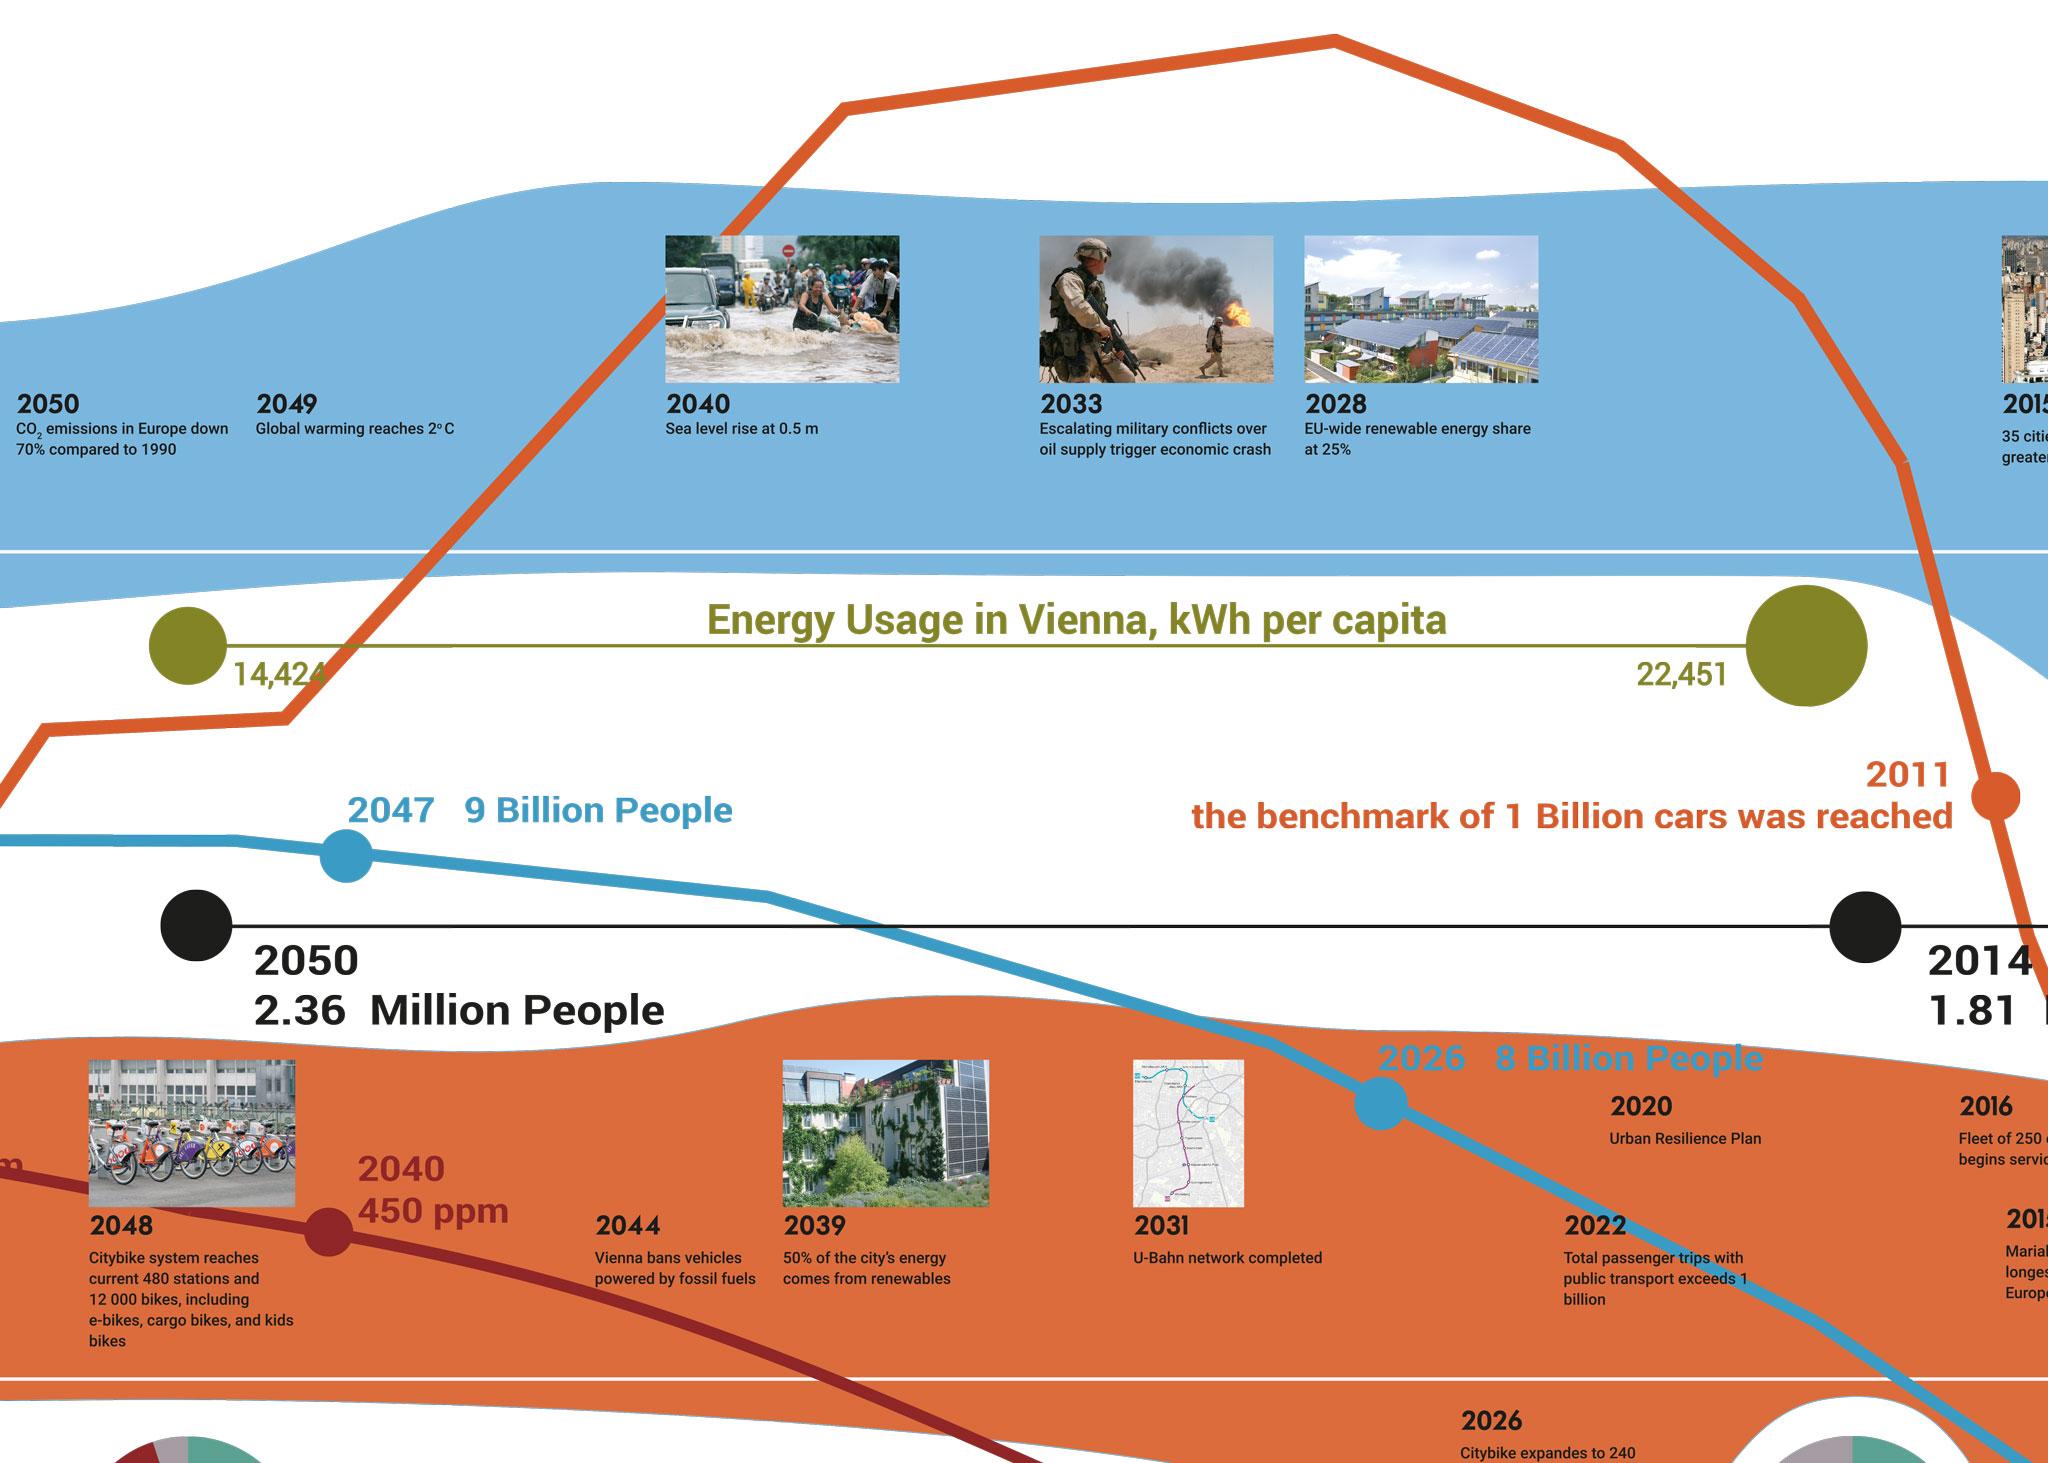 SmarterThanCar_r+d-postcarbon-vienna_VDW_2015_exhibit-details_12